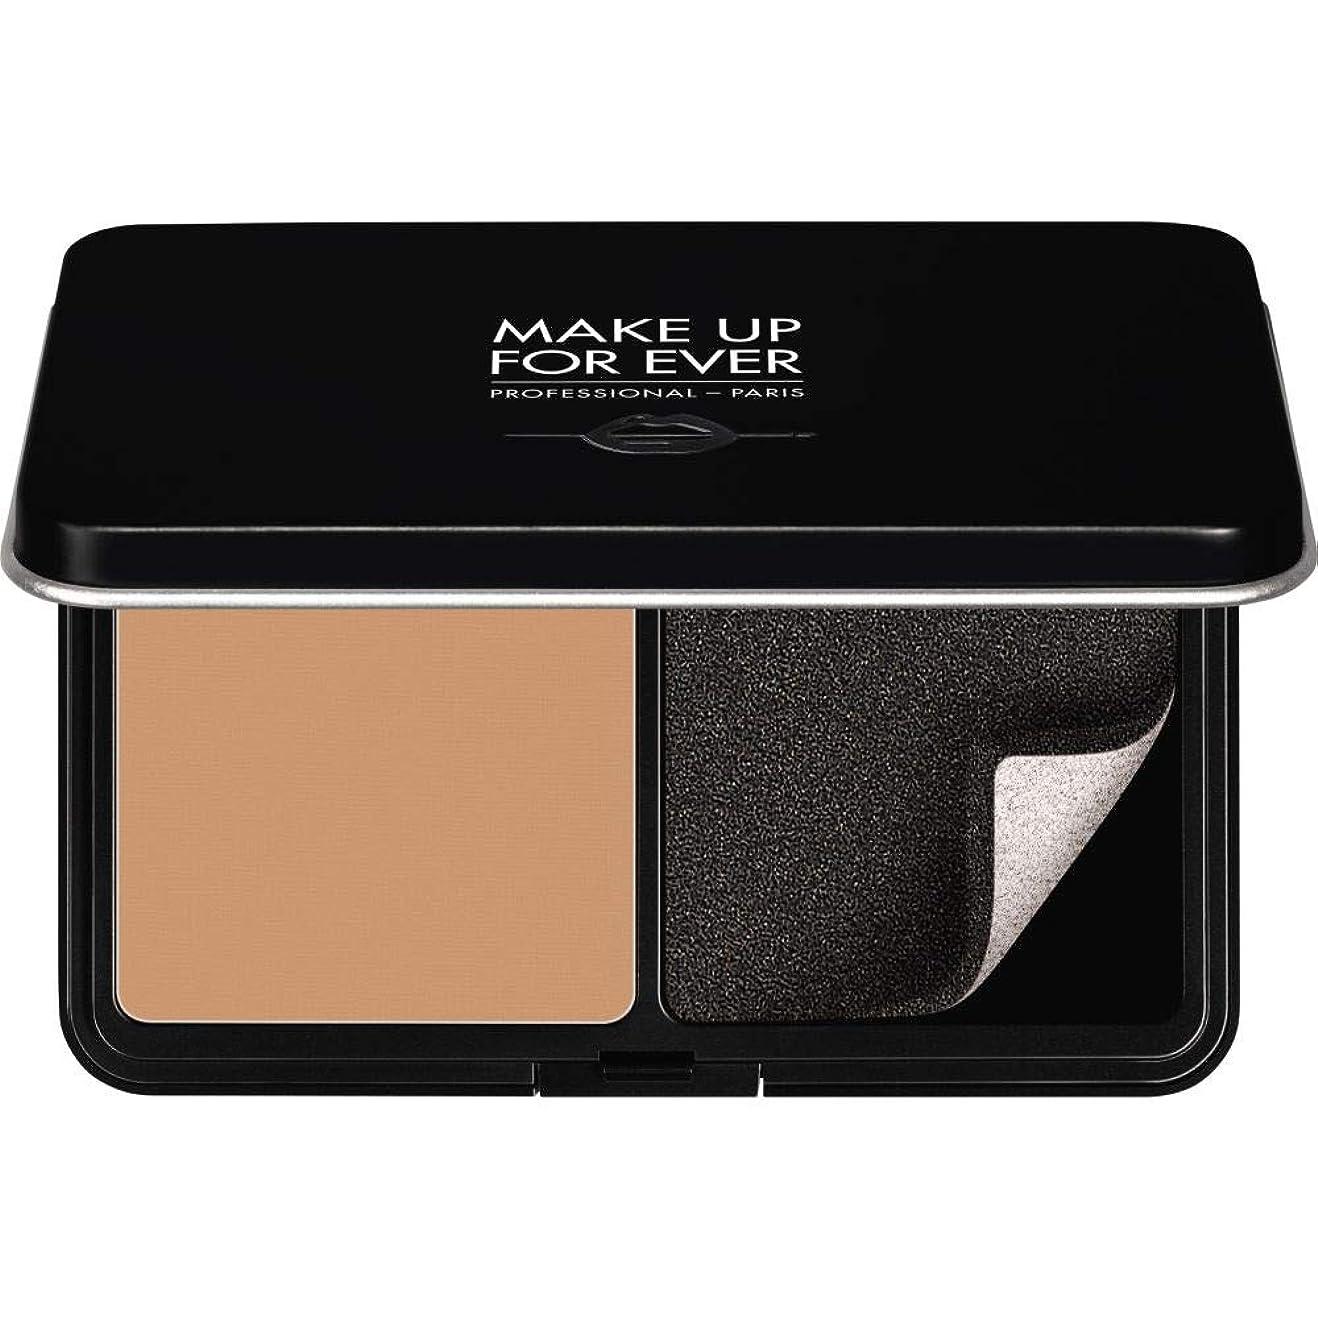 元気なラフト火山学者[MAKE UP FOR EVER ] パウダーファンデーション11GののR370をぼかし、これまでマットベルベットの肌を補う - メディアベージュ - MAKE UP FOR EVER Matte Velvet Skin Blurring Powder Foundation 11g R370 - Medium Beige [並行輸入品]